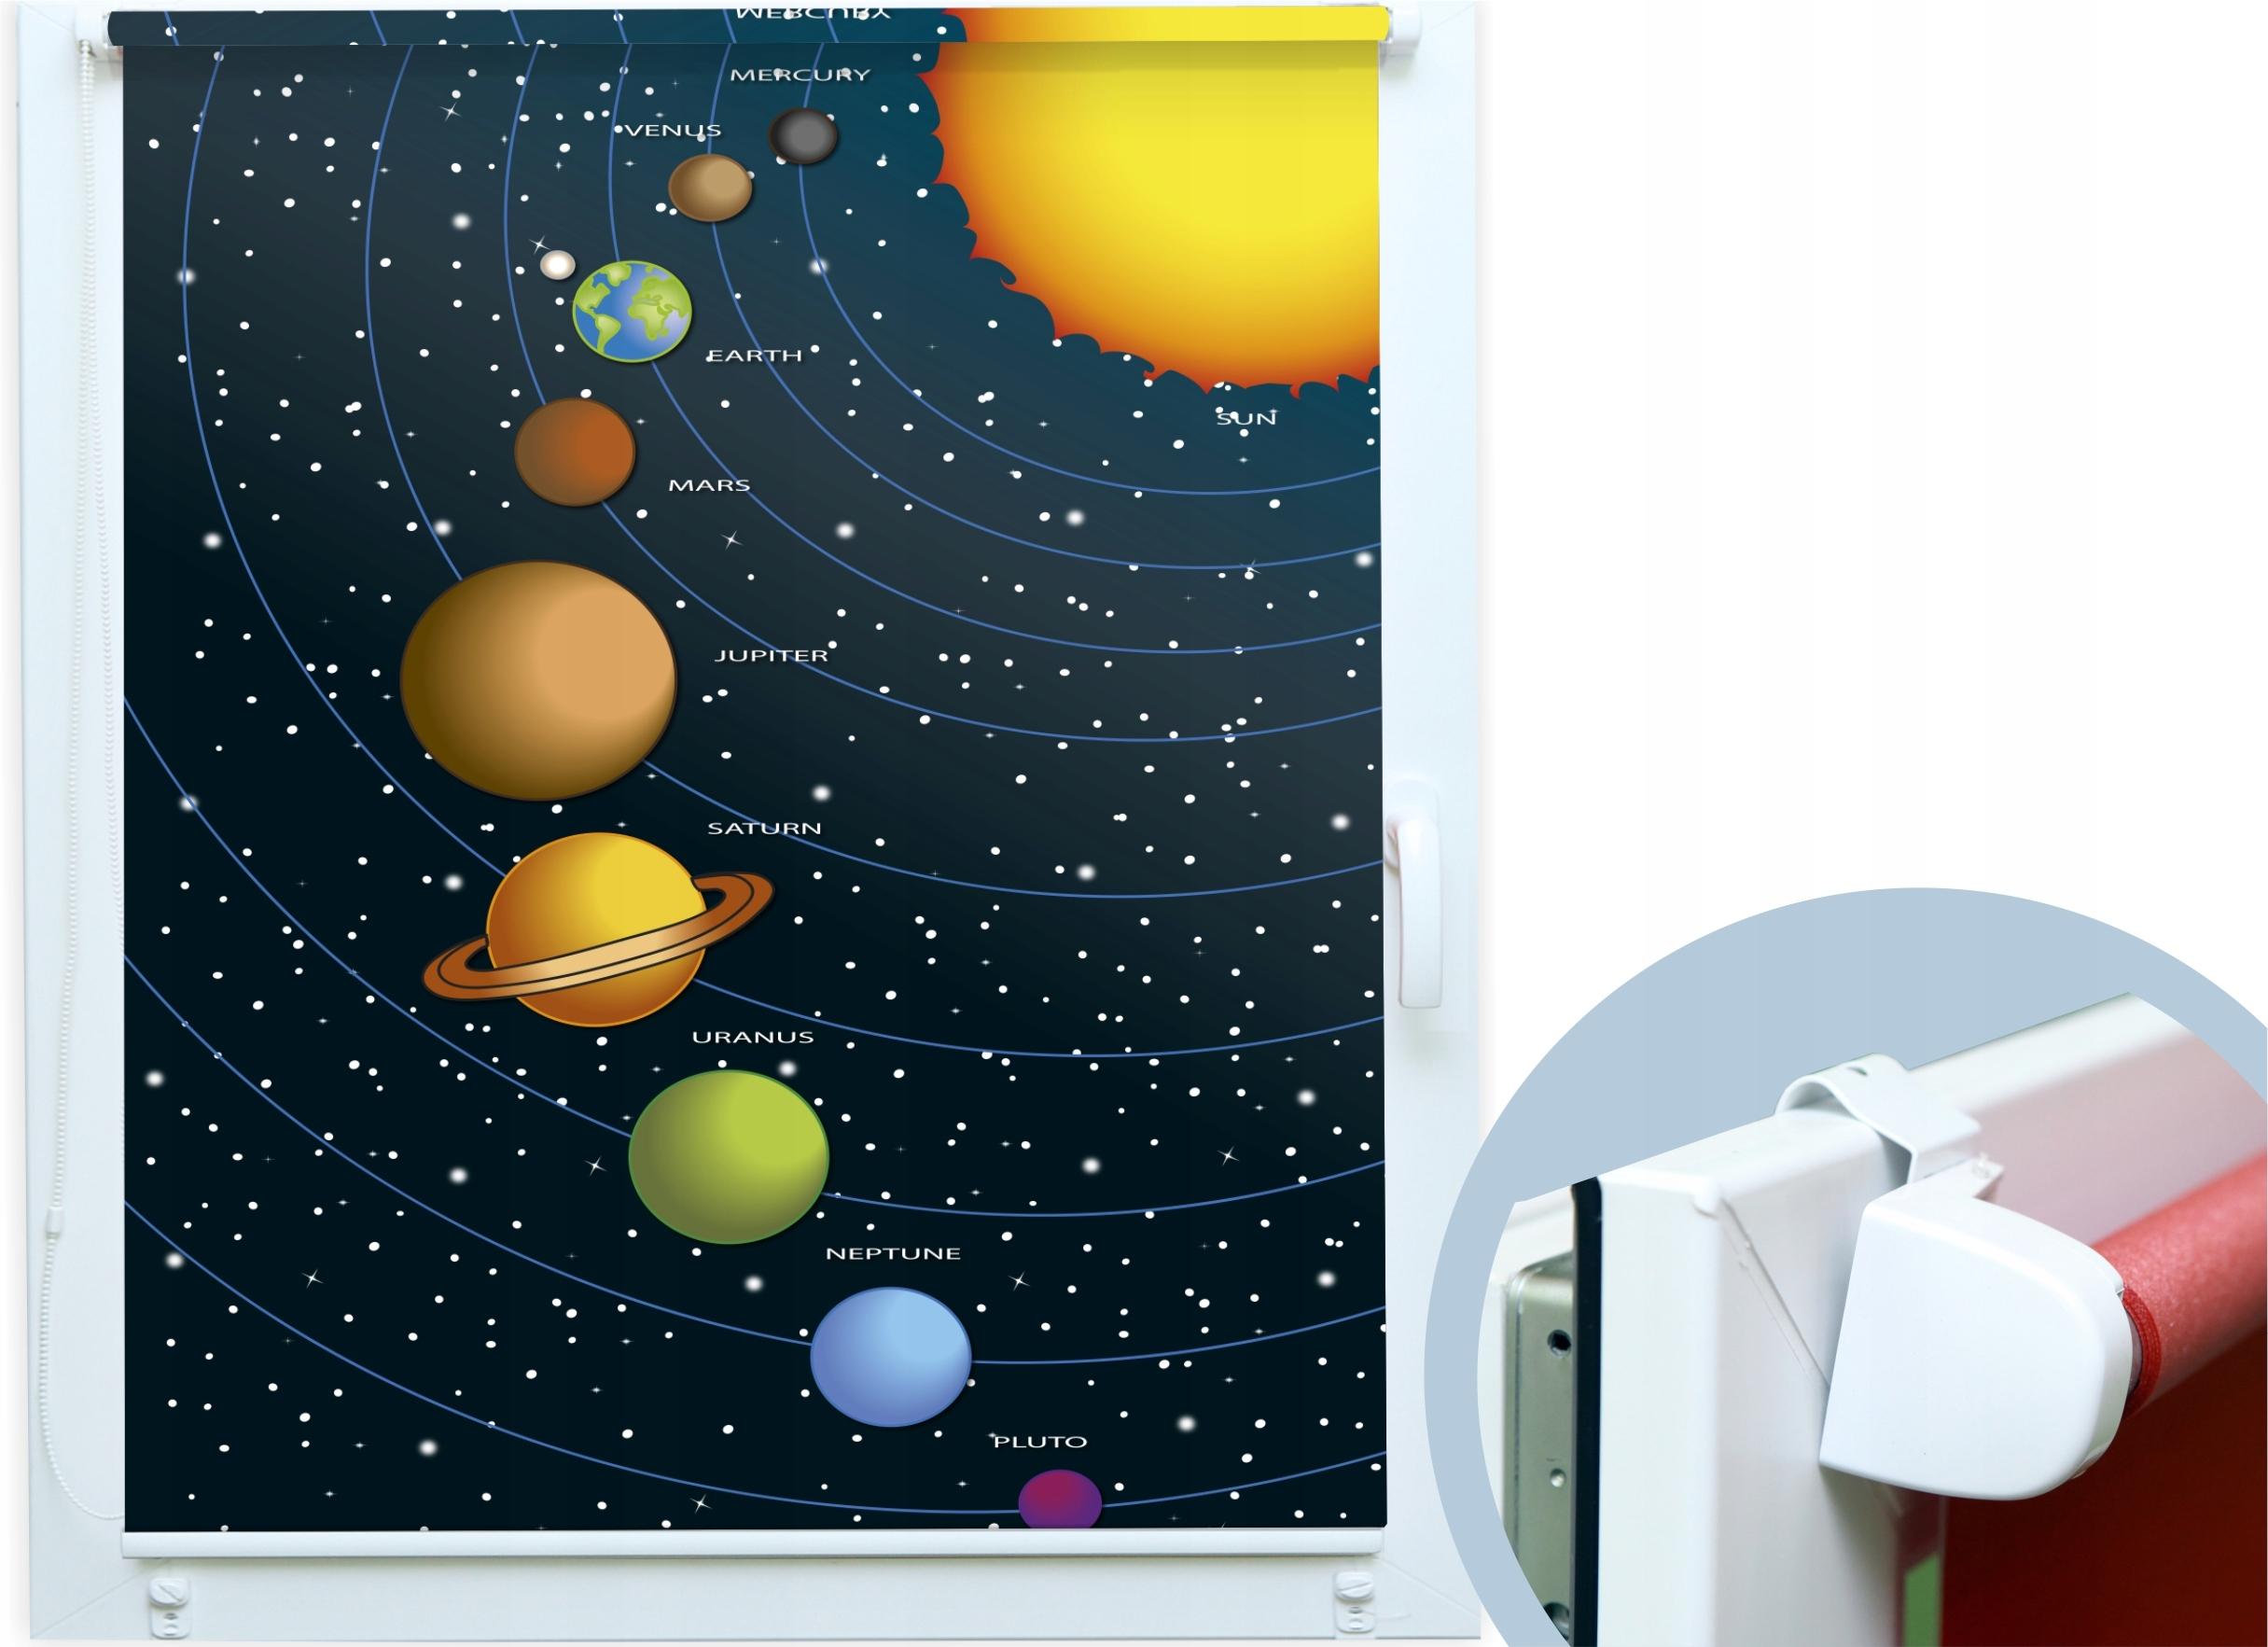 ЖАЛЮЗИ ДЛЯ ДЕТЕЙ Solar System Astronaut Night